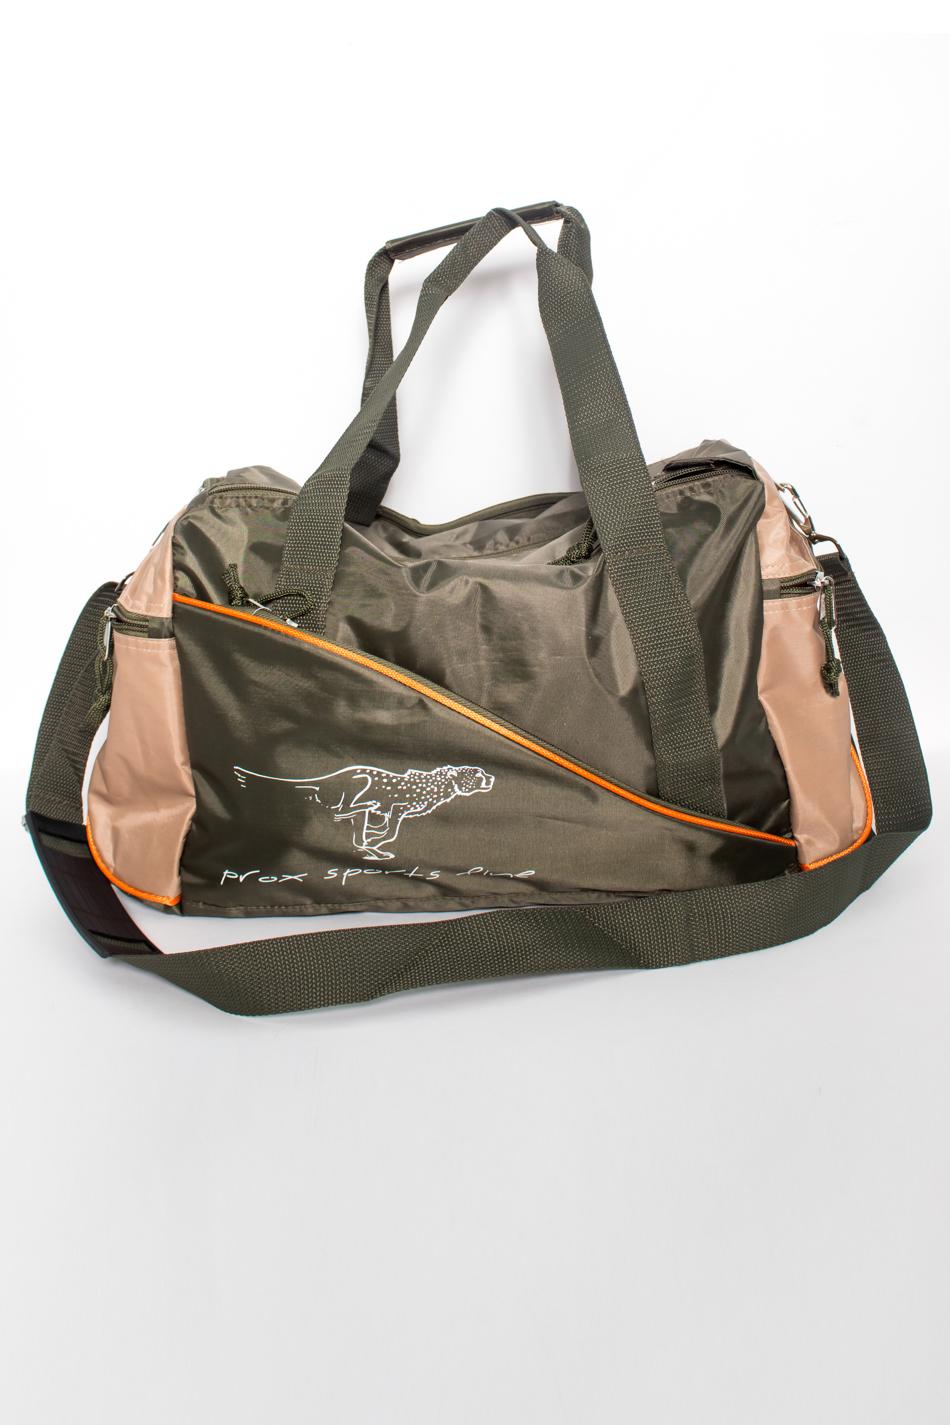 СумкаДорожные<br>Универсальная дорожная сумка приятной расцветки.  В изделии использованы цвета: зеленый, бежевый.  Размеры: 38*27*25 см<br><br>Размер : UNI<br>Материал: Полиэстер<br>Количество в наличии: 1